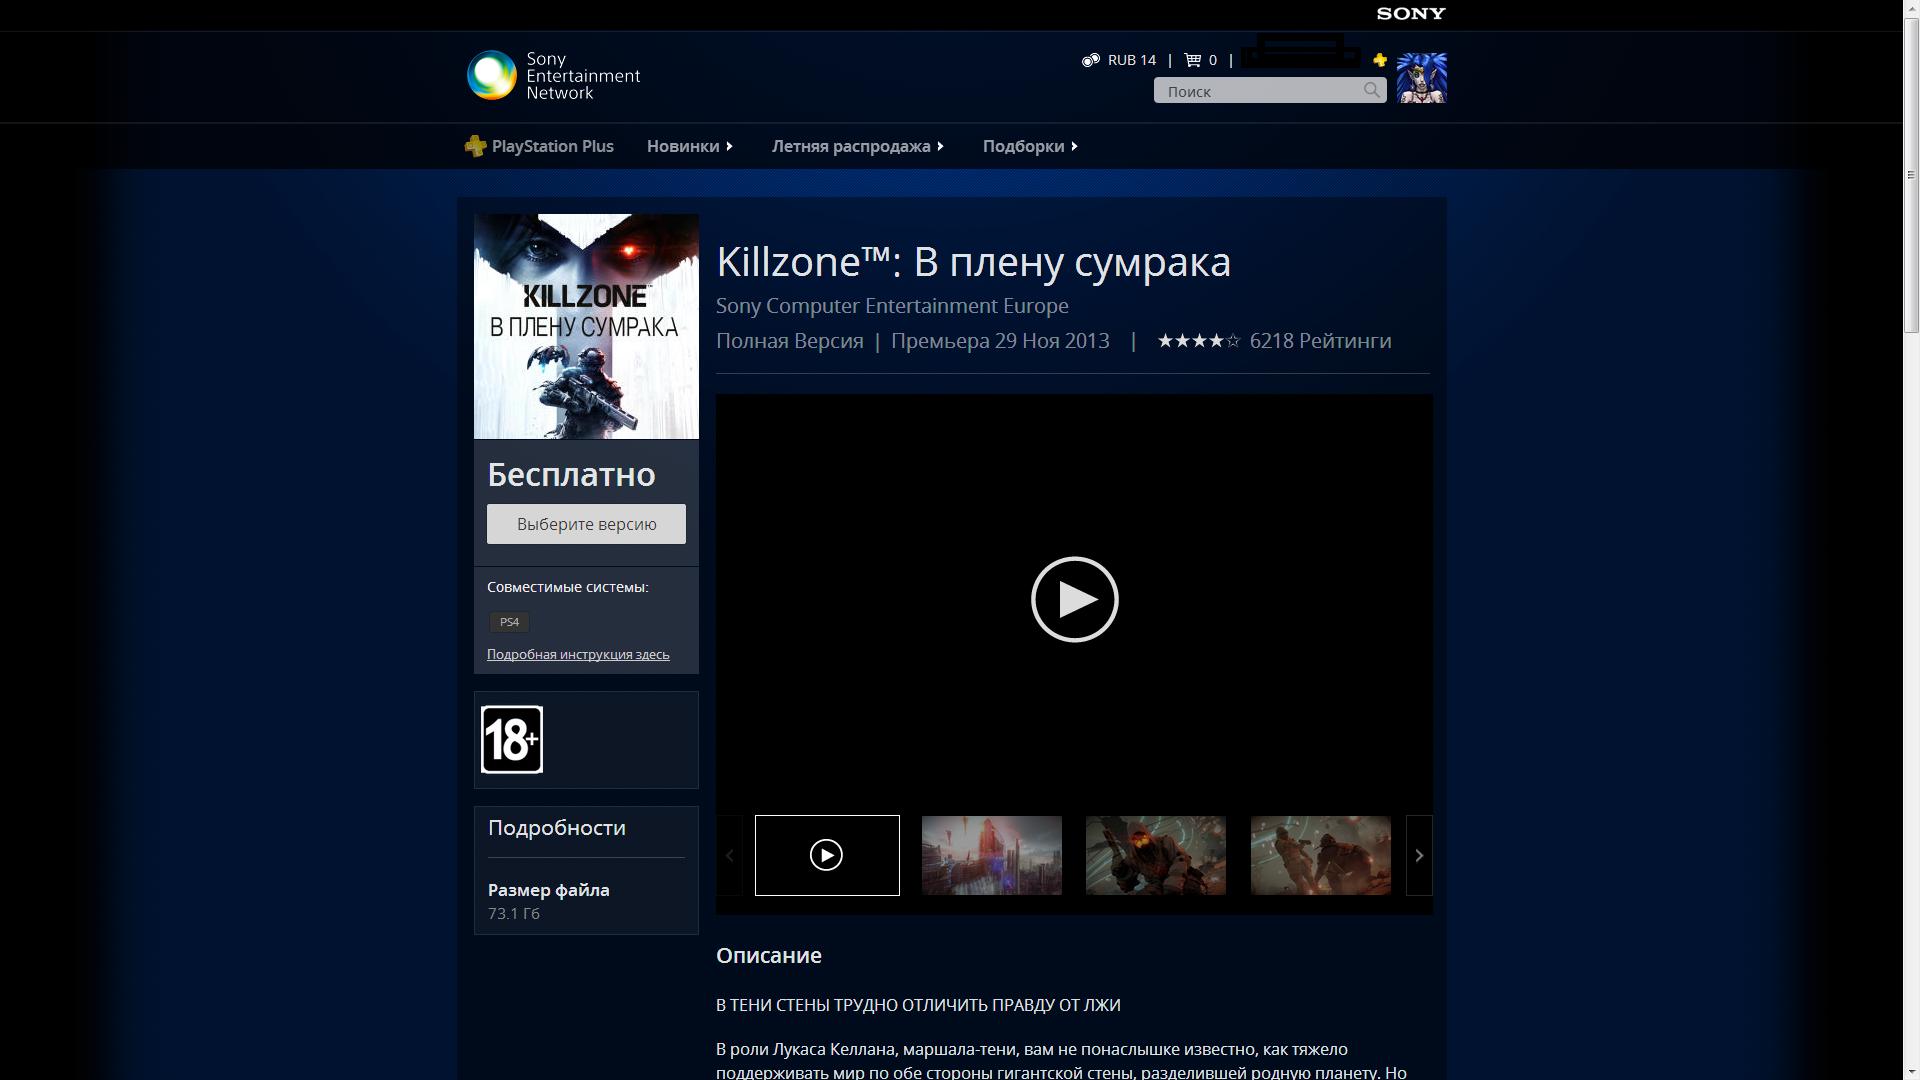 Killzone: Shadow Fall бесплатна для PS4 в PSN/SEN - Изображение 1